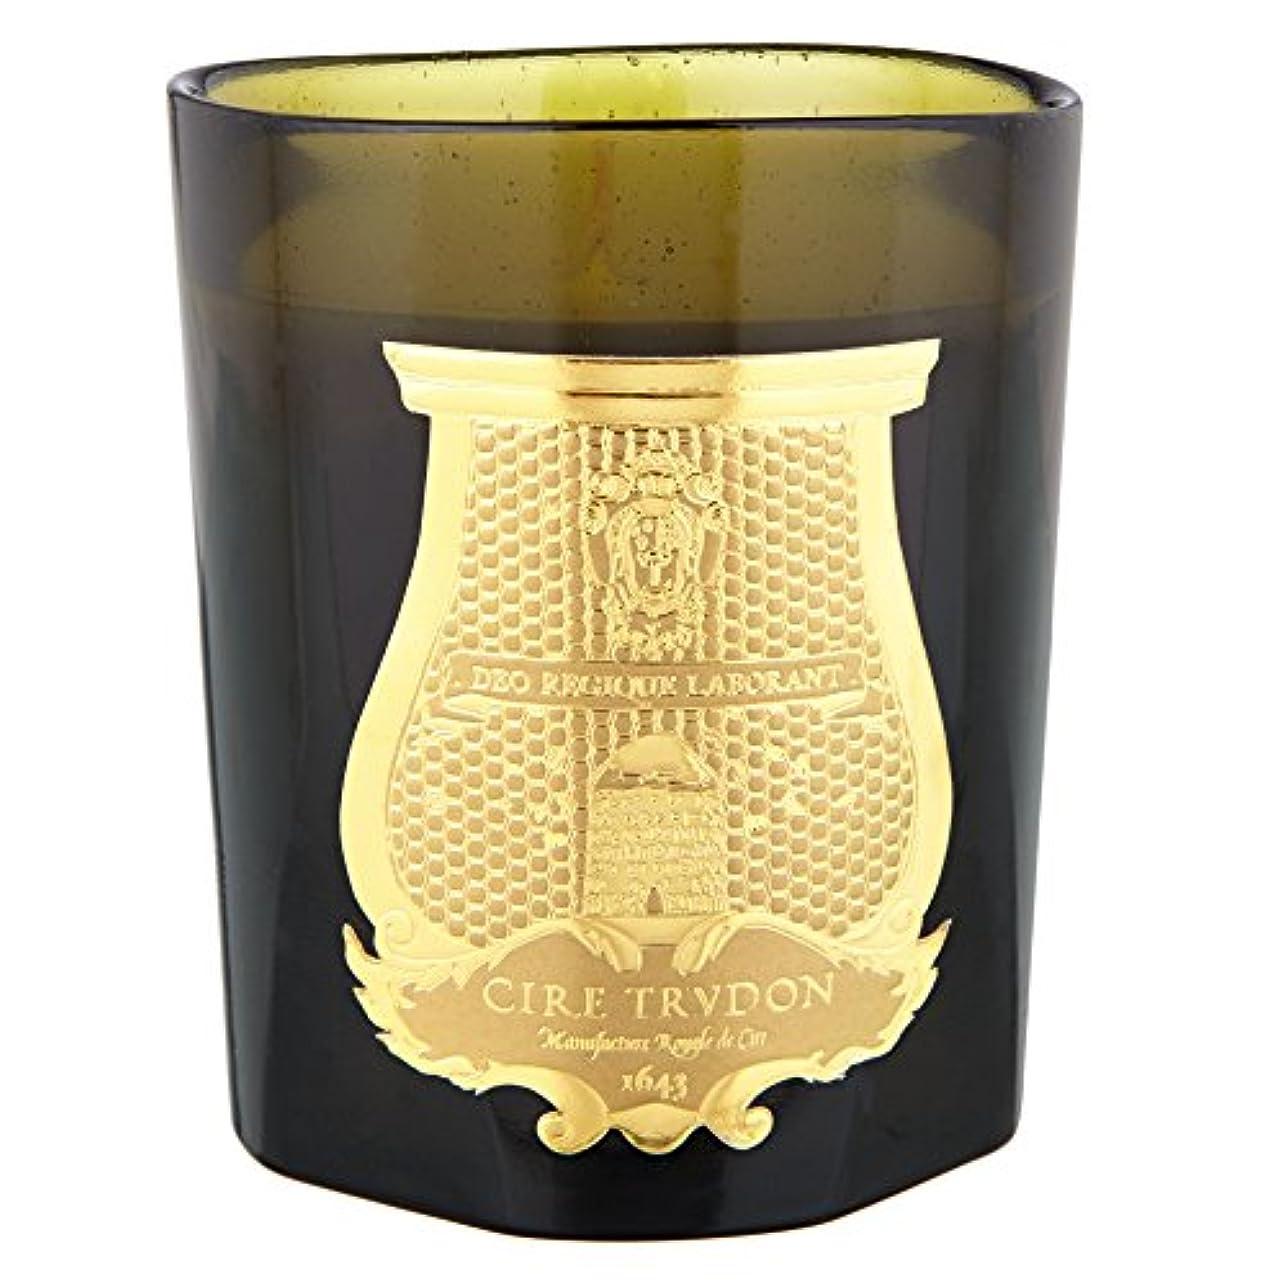 ブランド名嘆願そのようなCire Trudonオダリスク香りのキャンドル (Cire Trudon) - Cire Trudon Odalisque Scented Candle [並行輸入品]